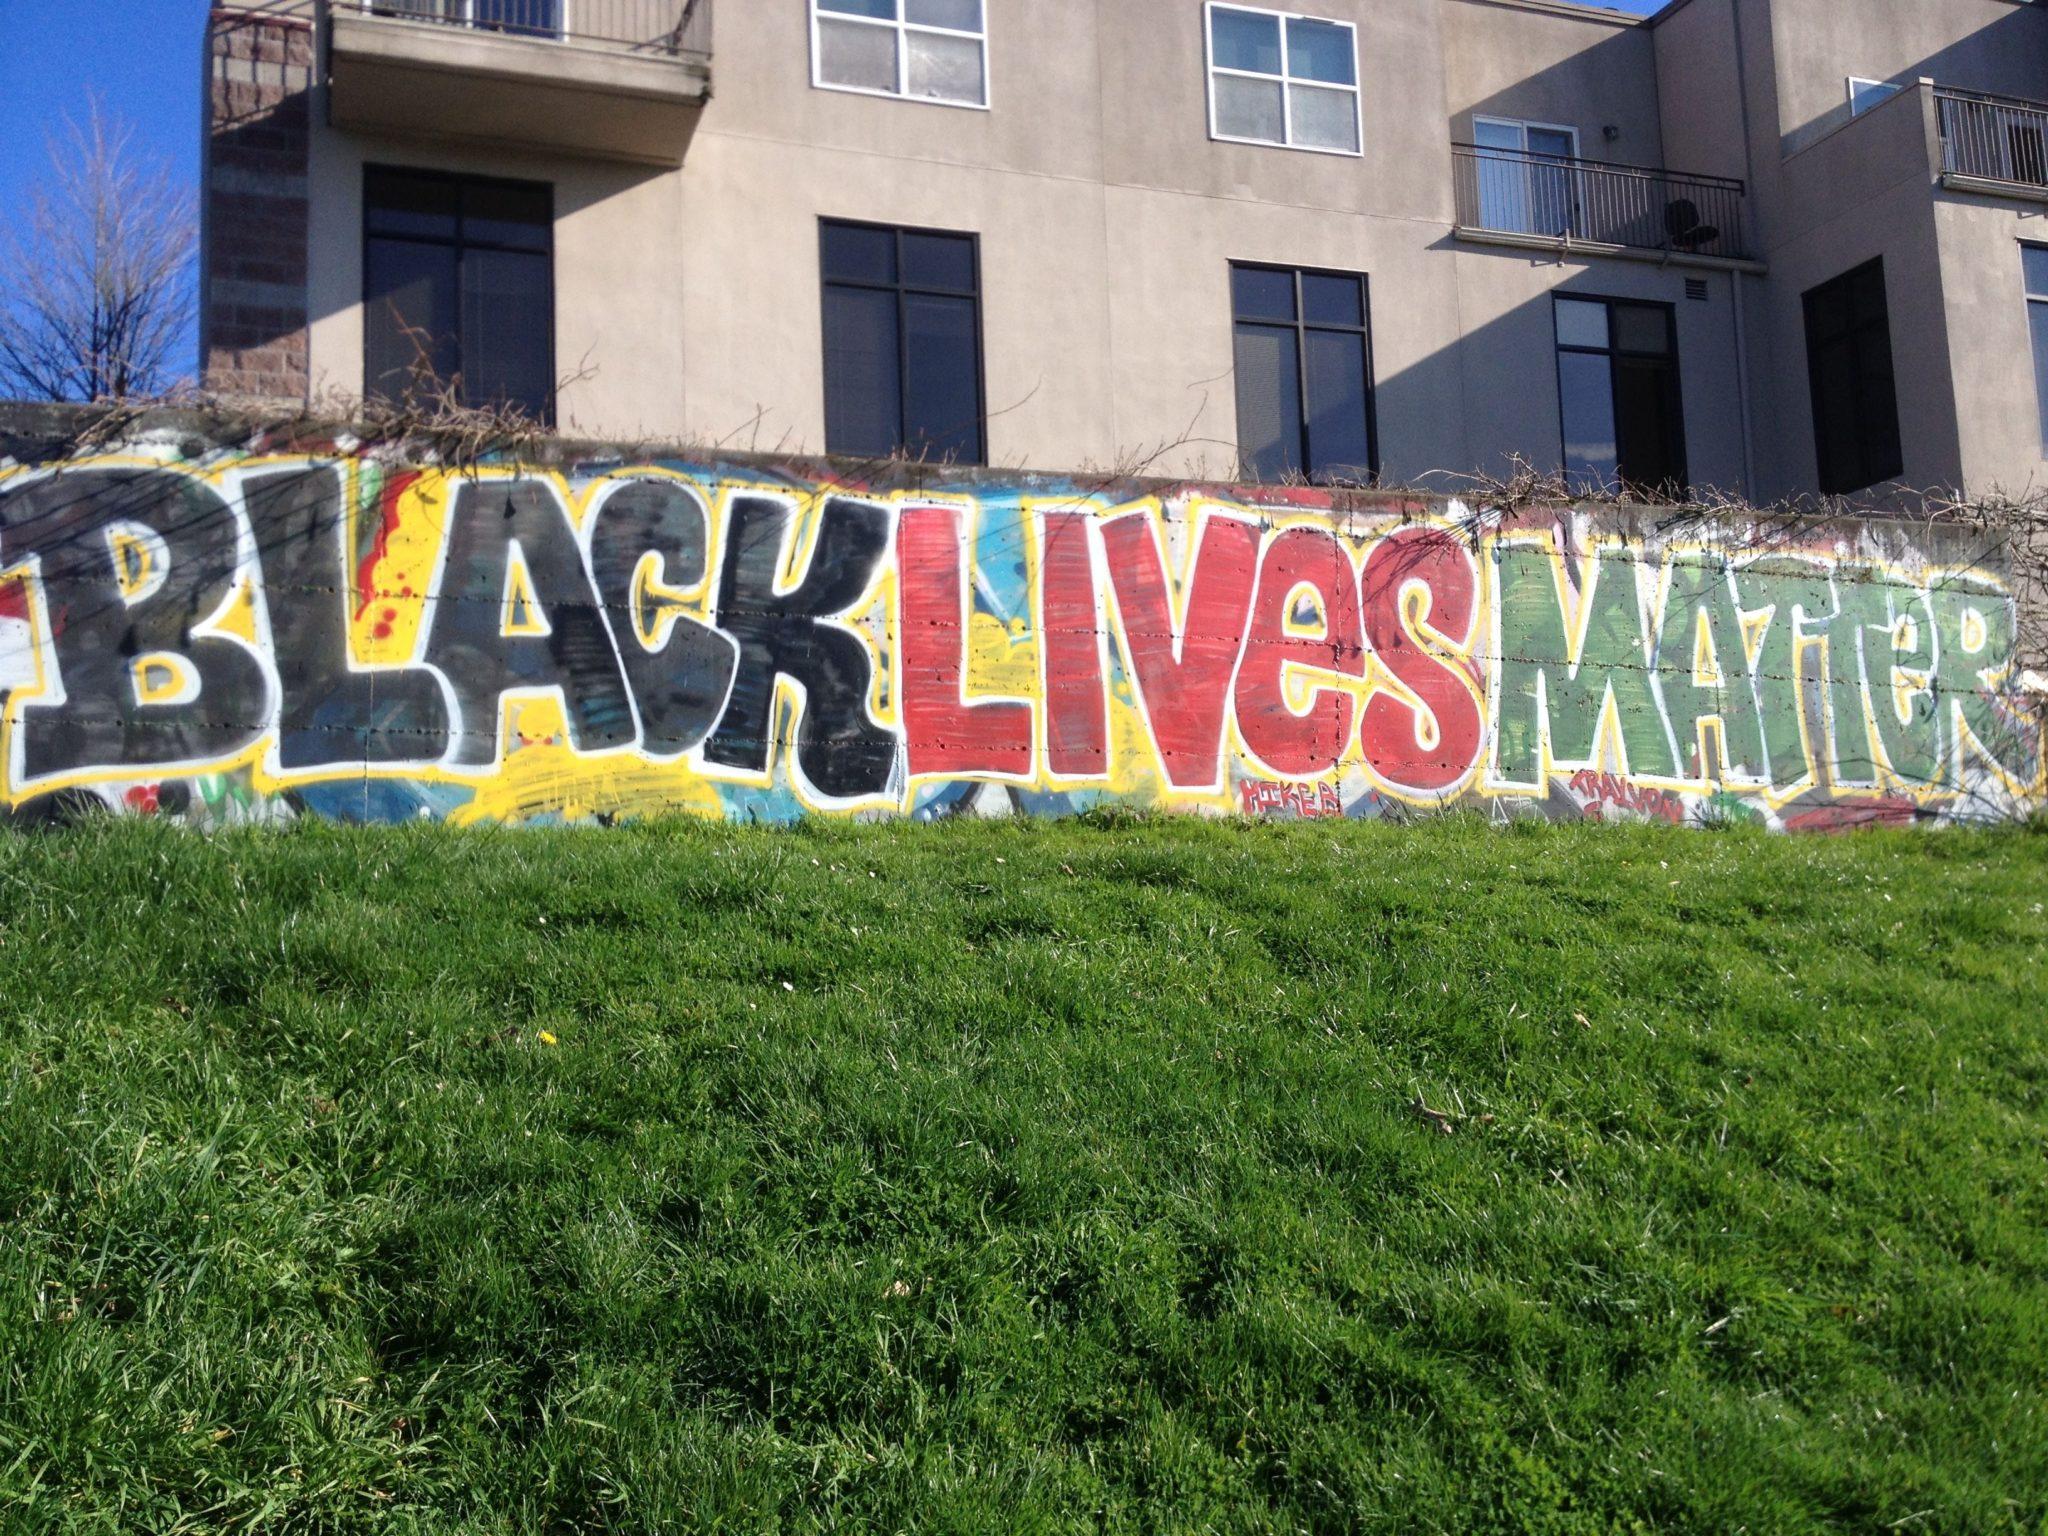 Street art reads BLACK LIVES MATTER.